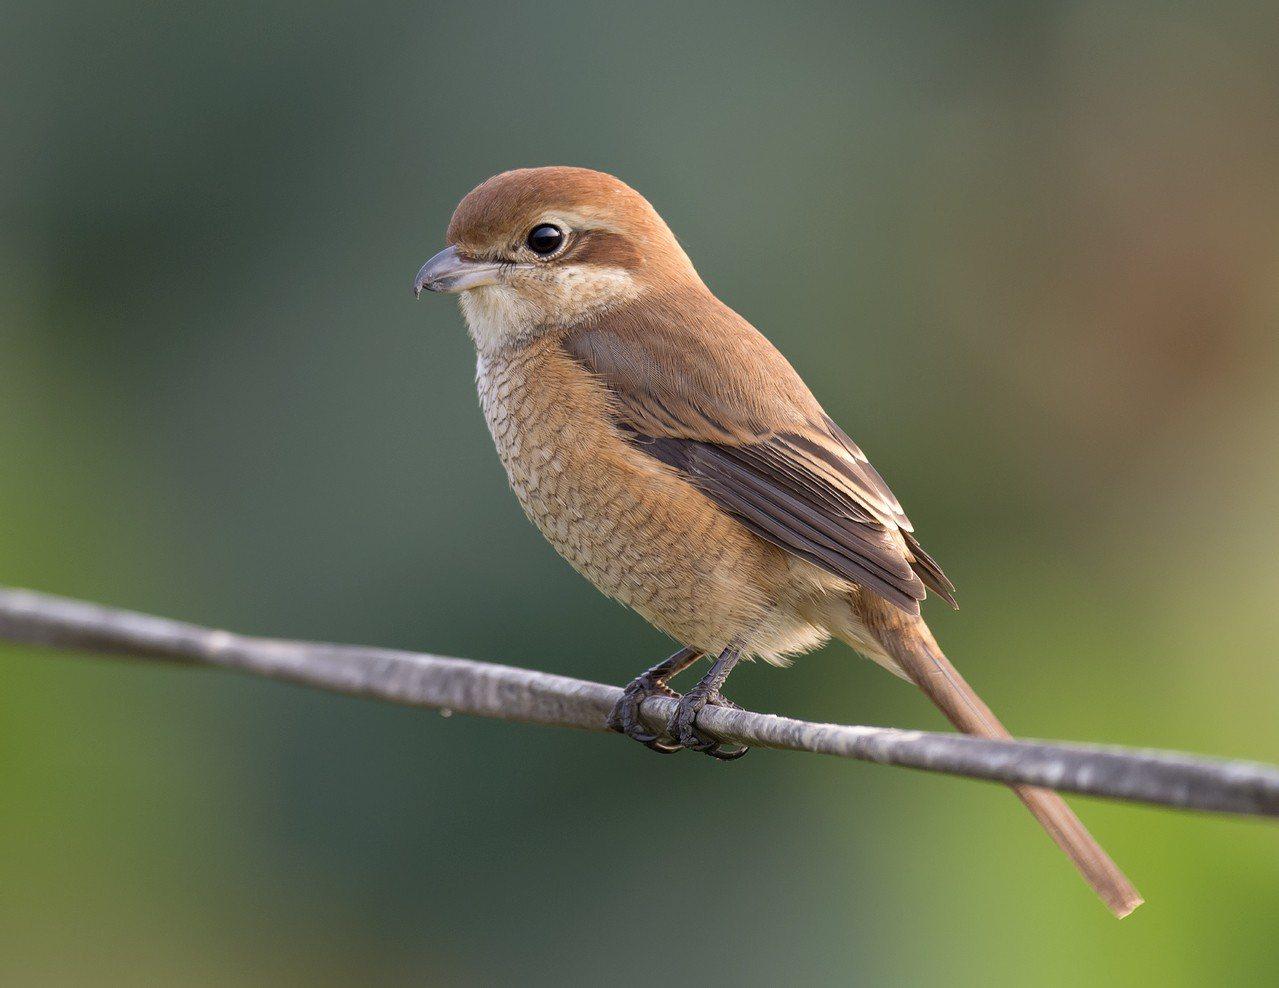 紅尾伯勞鳥大量過境恆春半島 。記者潘欣中/翻攝